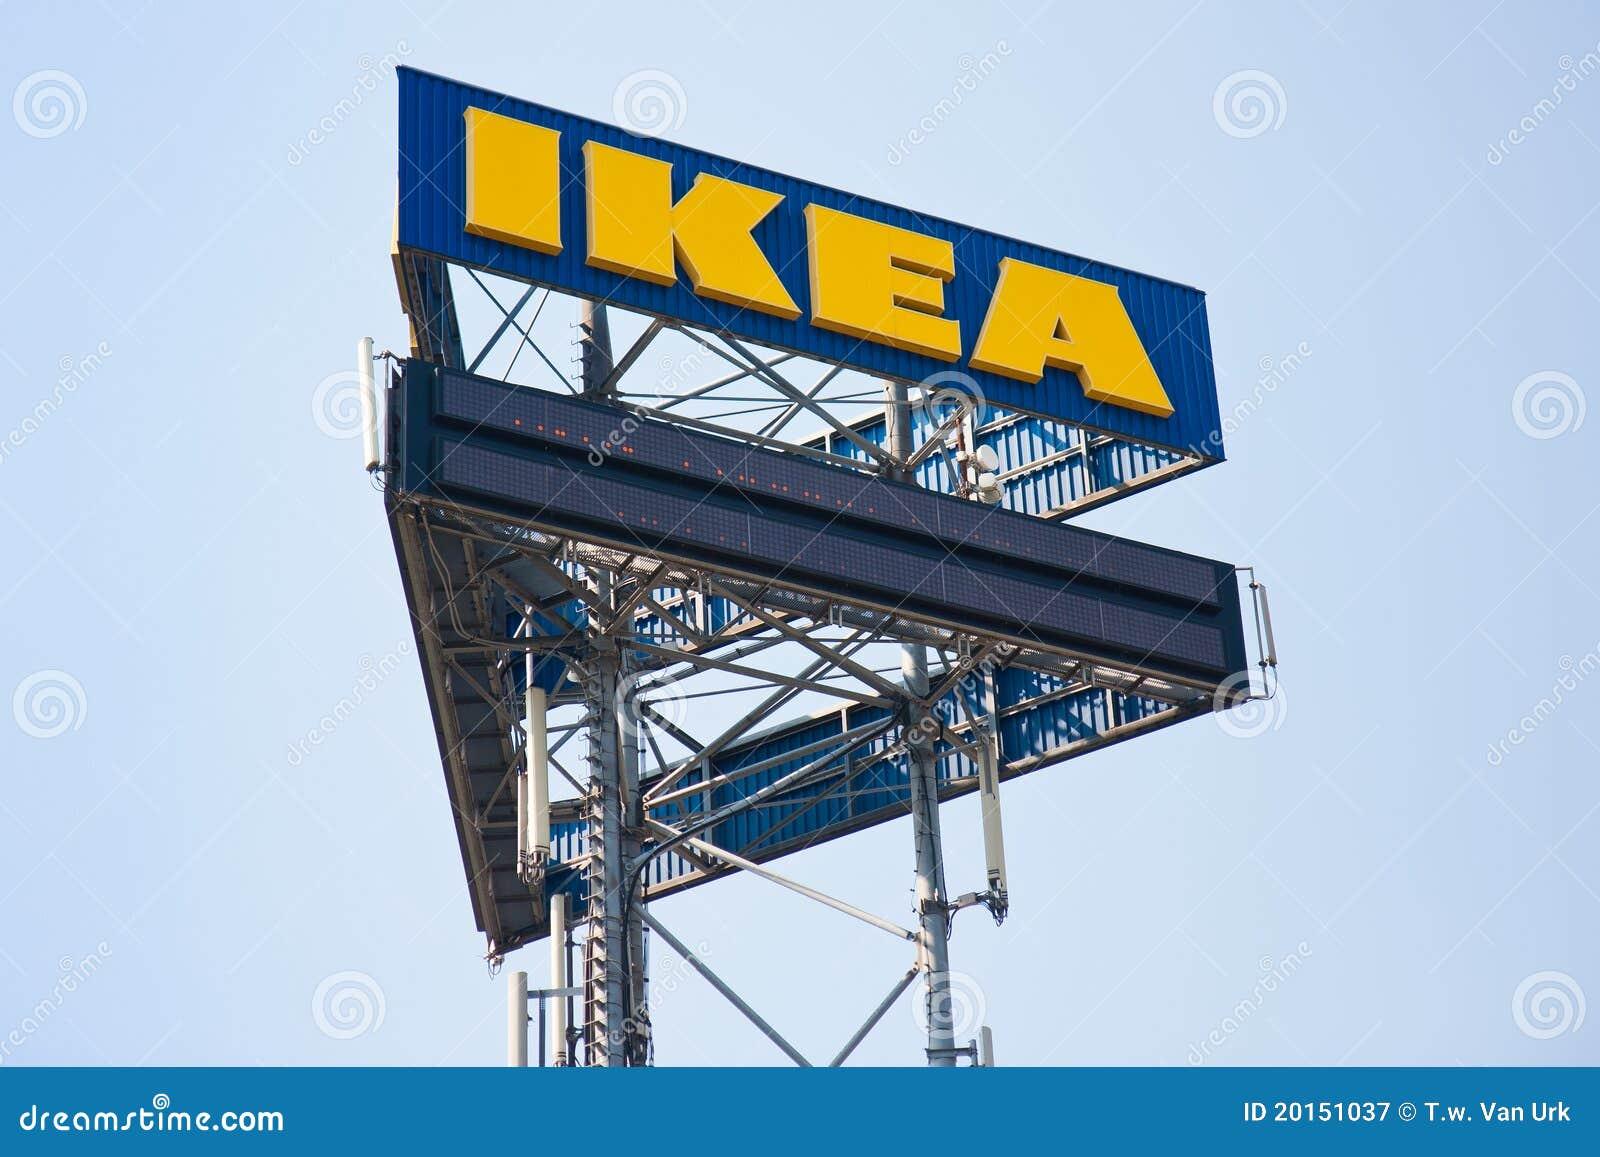 Een groot aanplakbord van IKEA